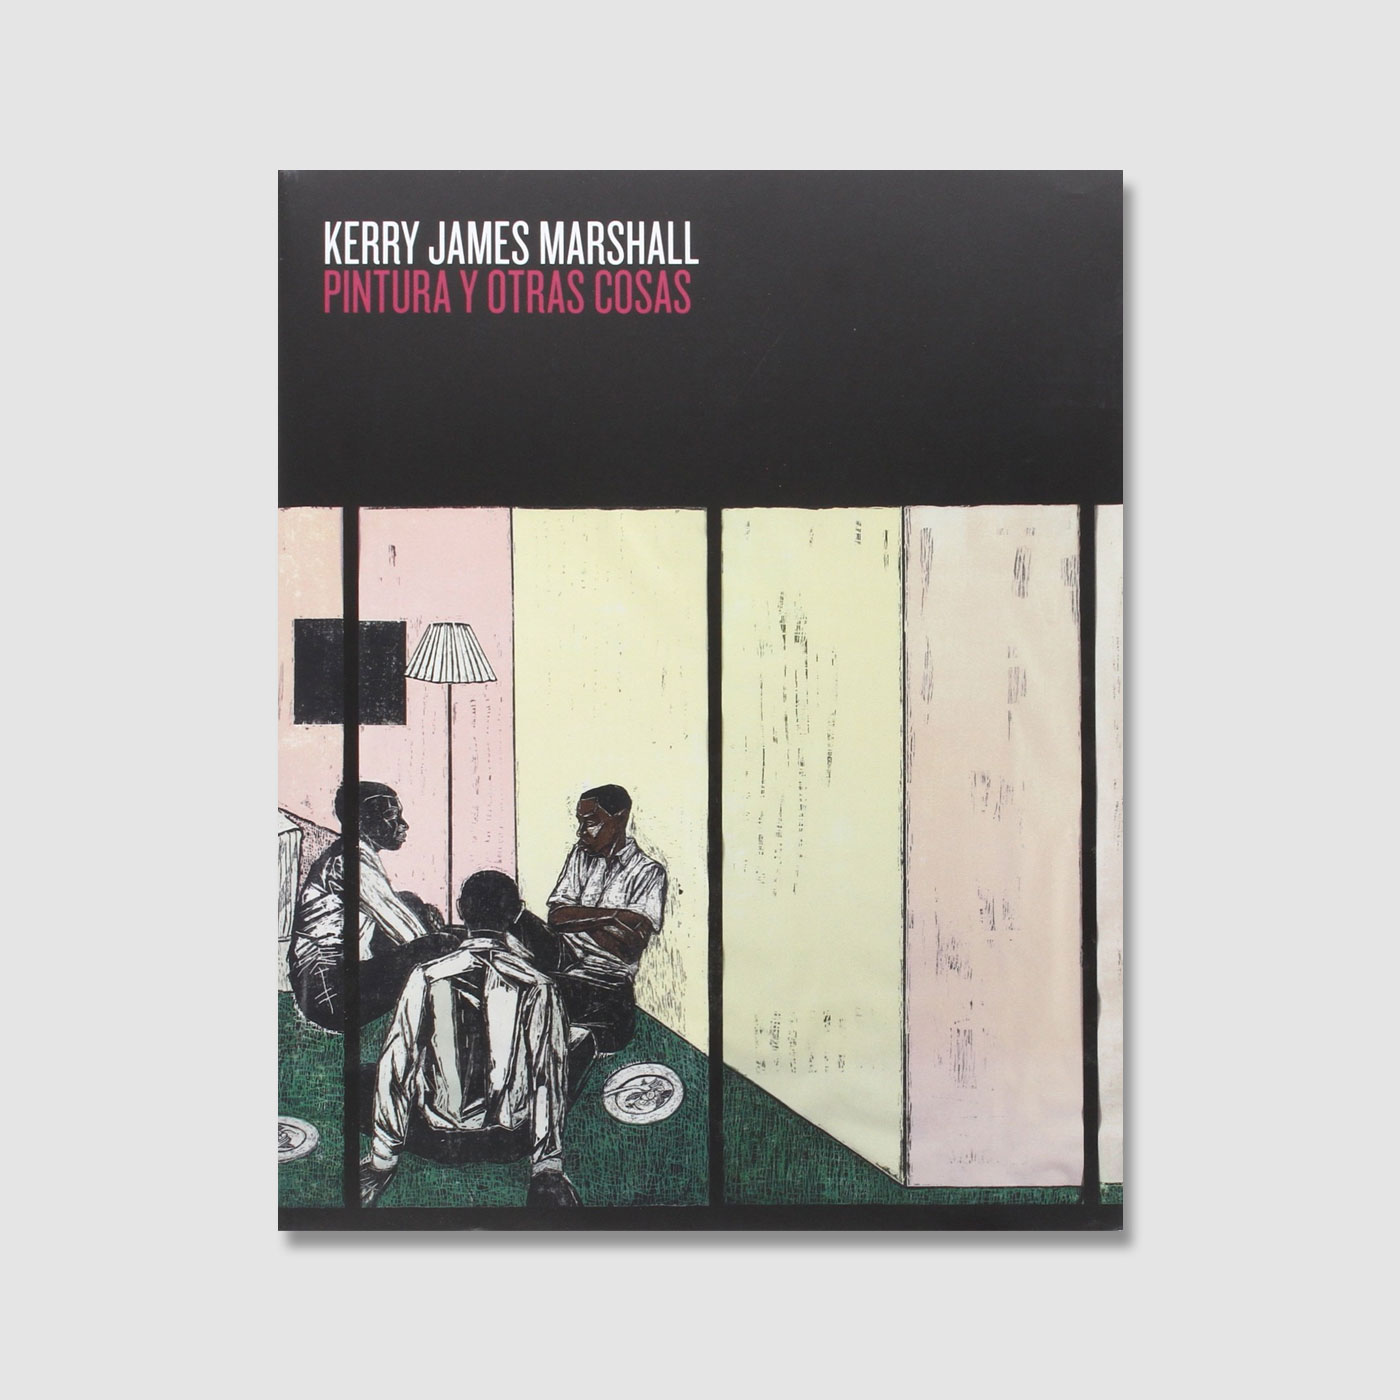 kerry-james-marshall-pinturas-y-otras-cosas